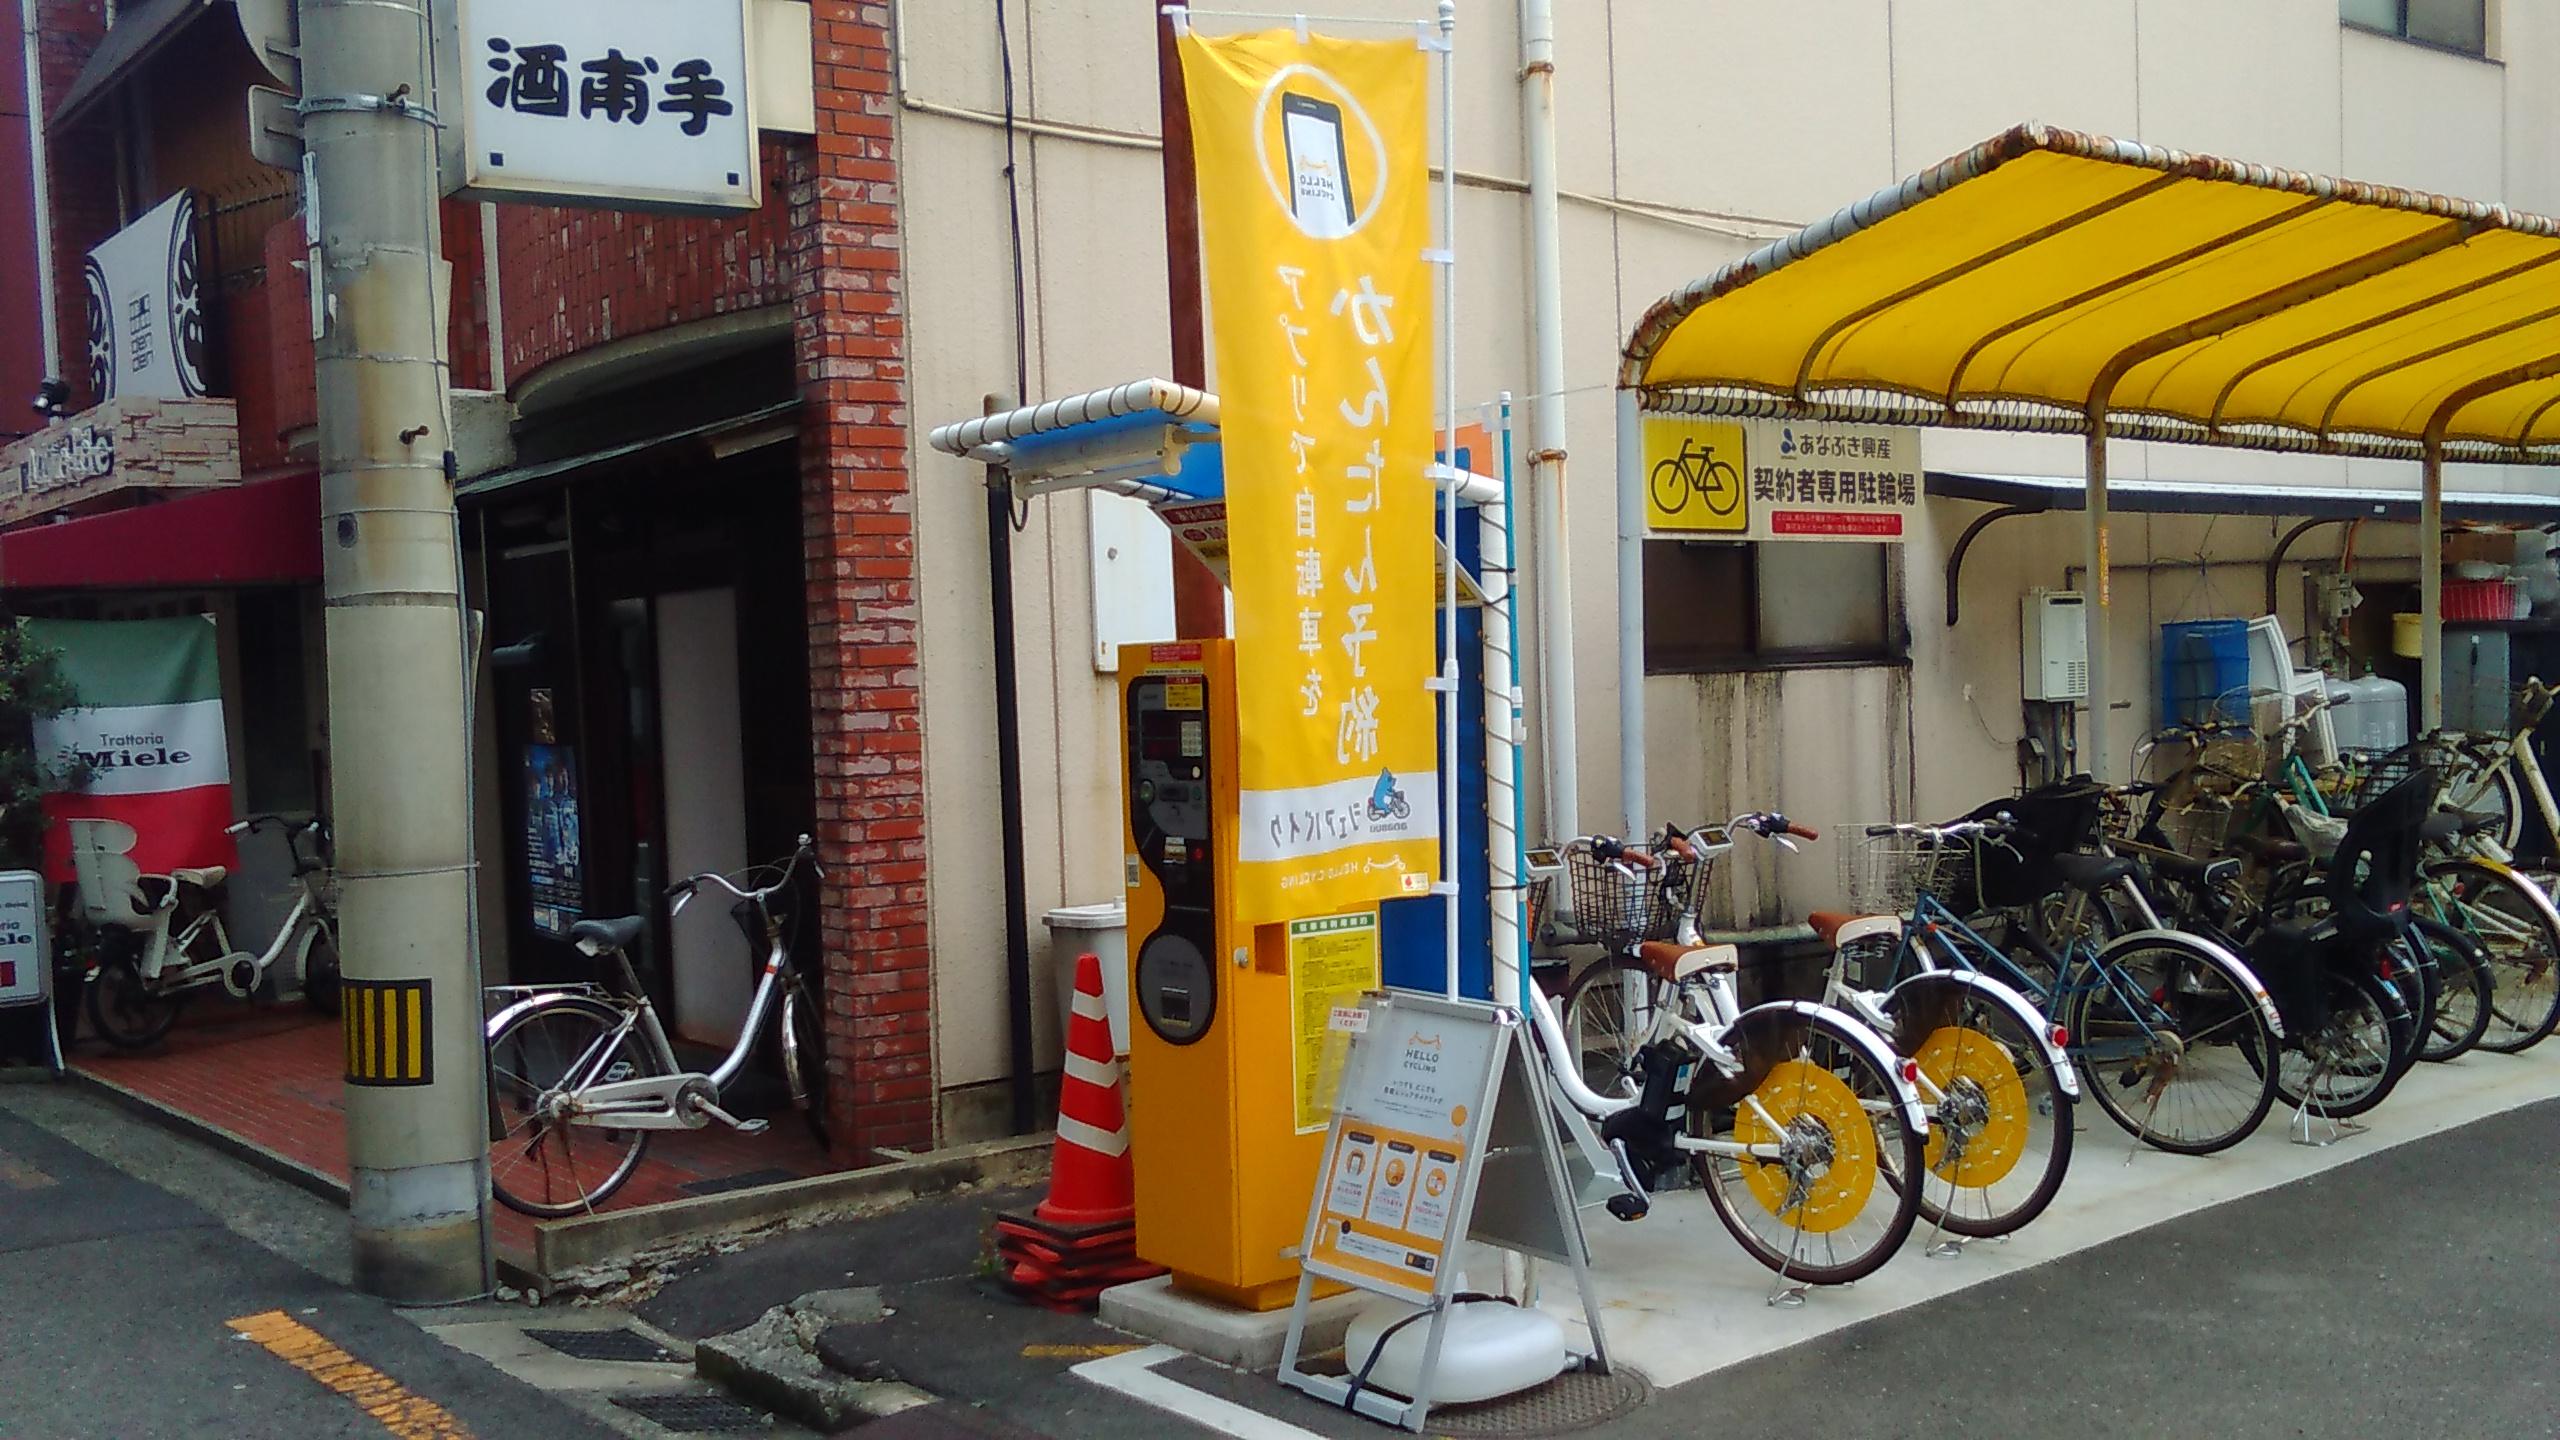 穴吹鍛冶屋町駐車場 (HELLO CYCLING ポート) image